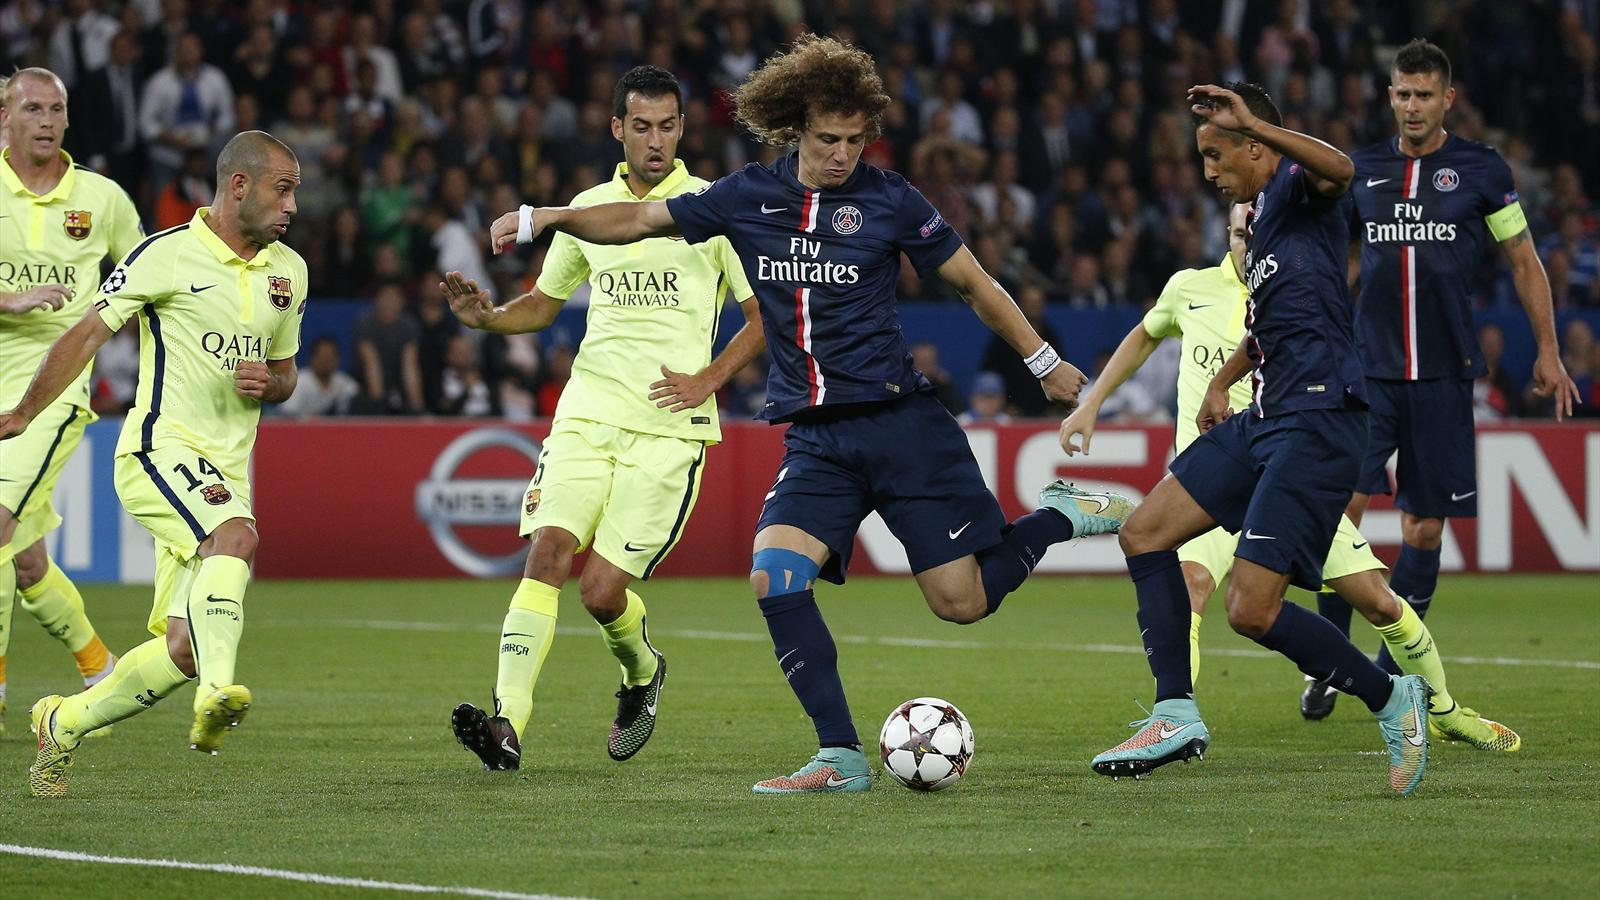 FC Barcelone - Paris Saint-Germain en direct